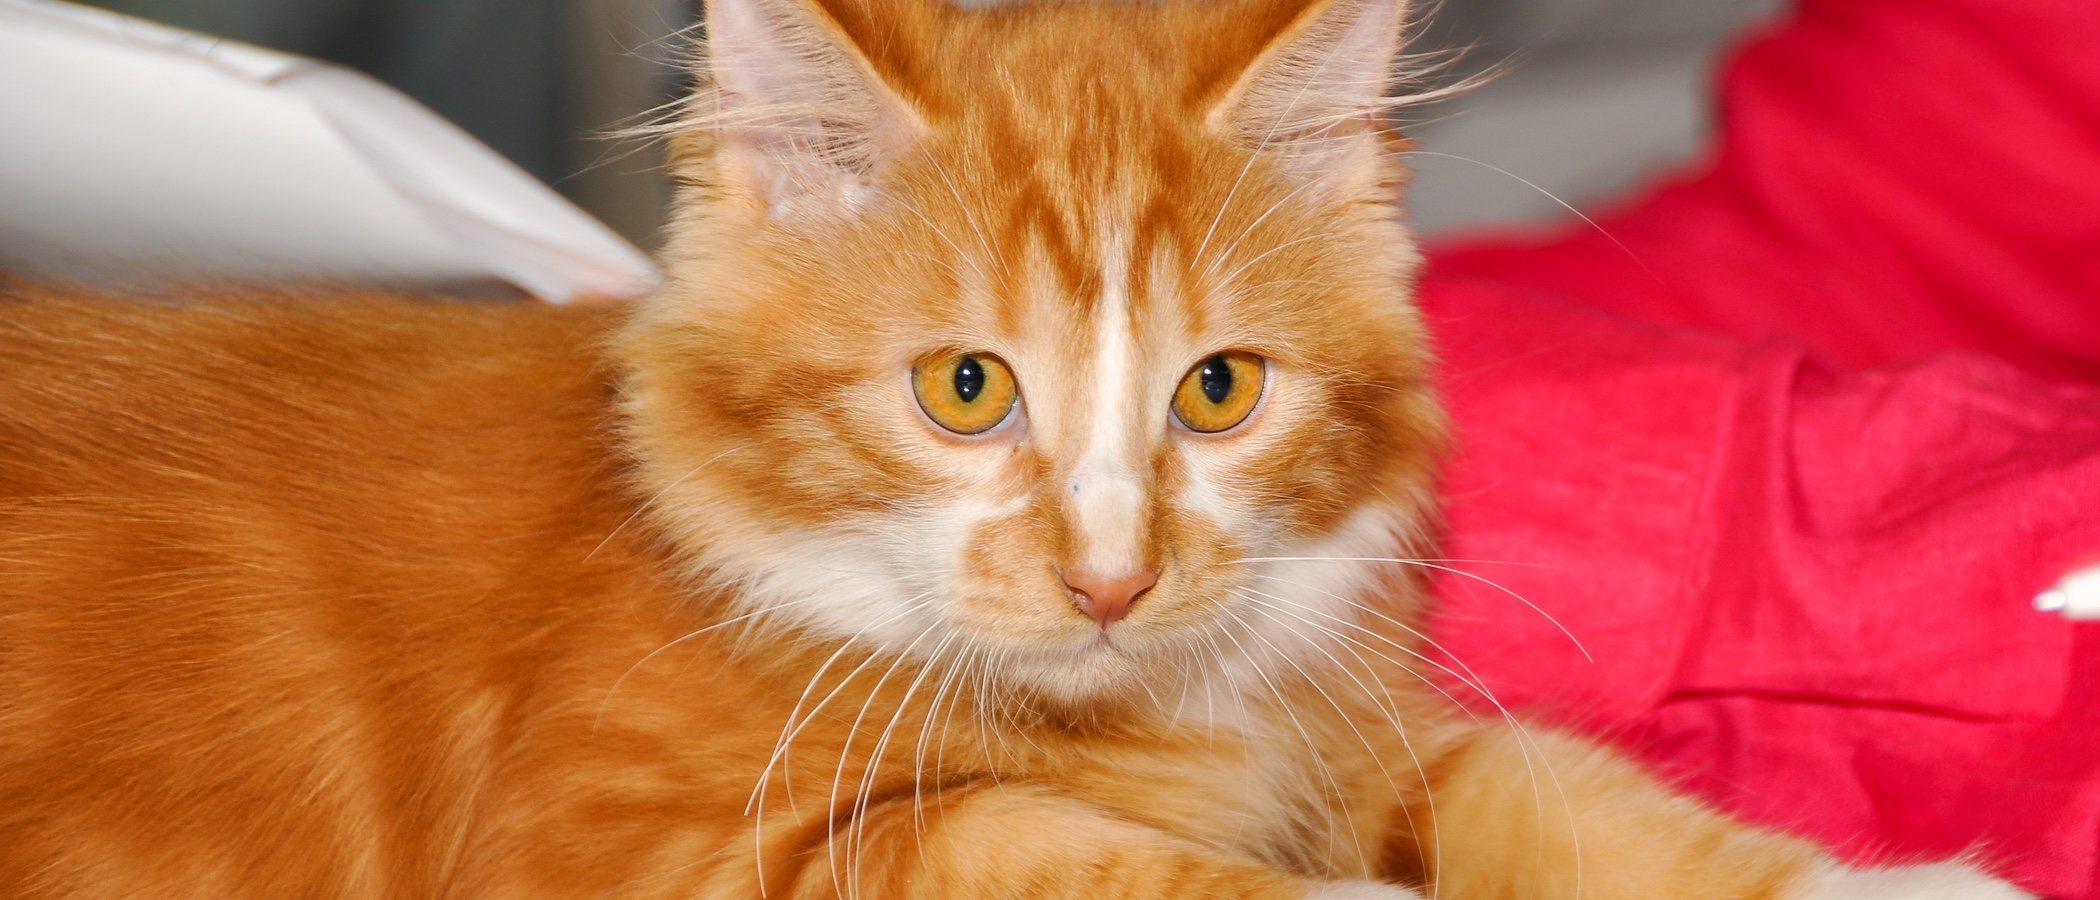 Descubre todo sobre la raza de gato Cymric